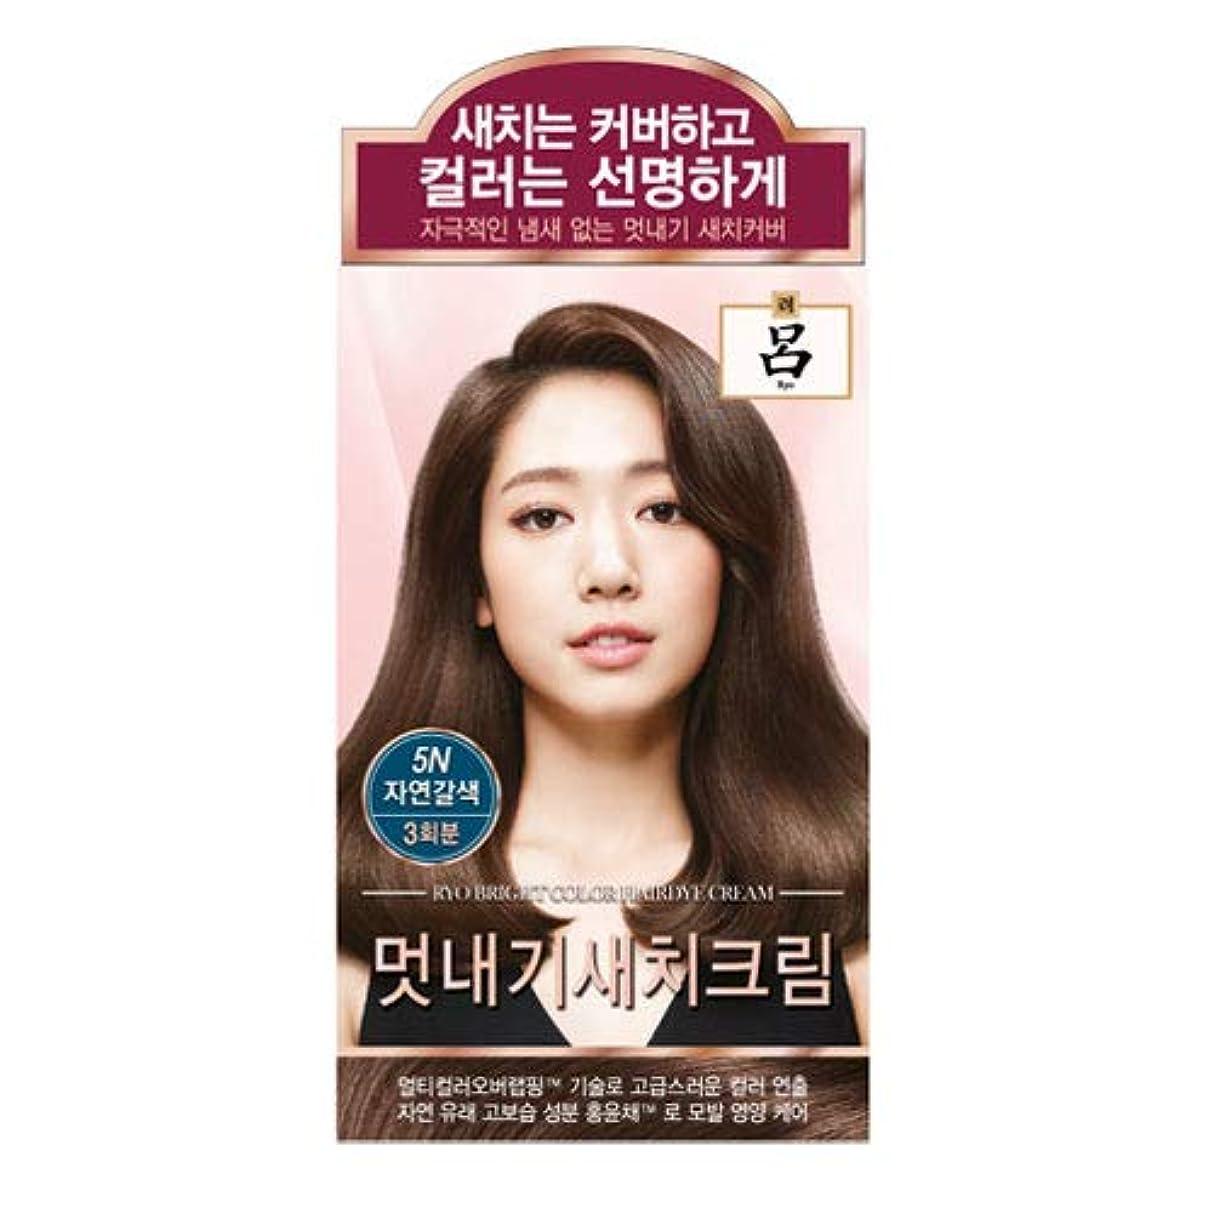 チャーム海峡給料アモーレパシフィック呂[AMOREPACIFIC/Ryo] ブライトカラーヘアアイクリーム 5N ナチュラルブラウン/Bright Color Hairdye Cream 5N Natural Brown